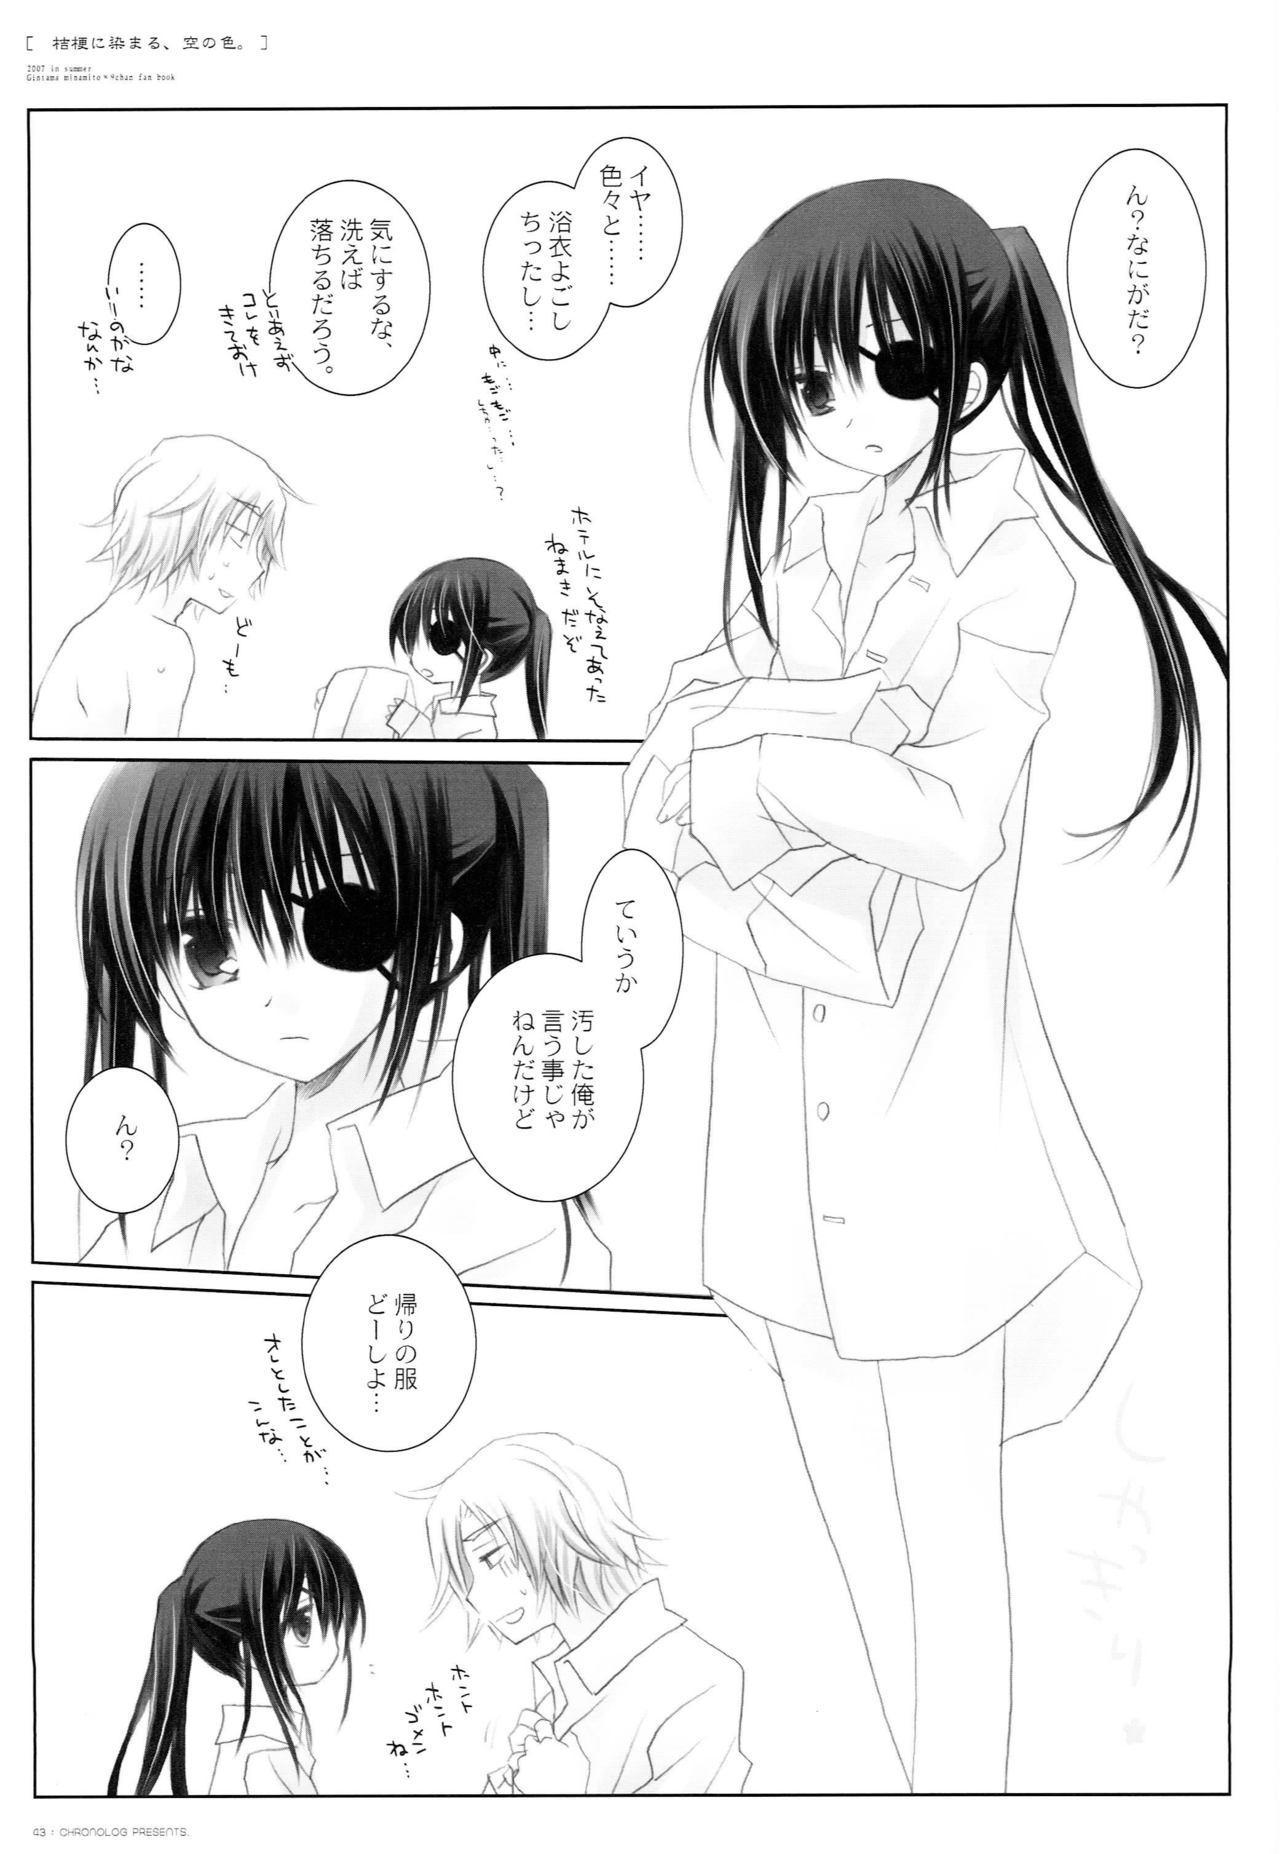 Kikyou ni Somaru Sora no Iro 41